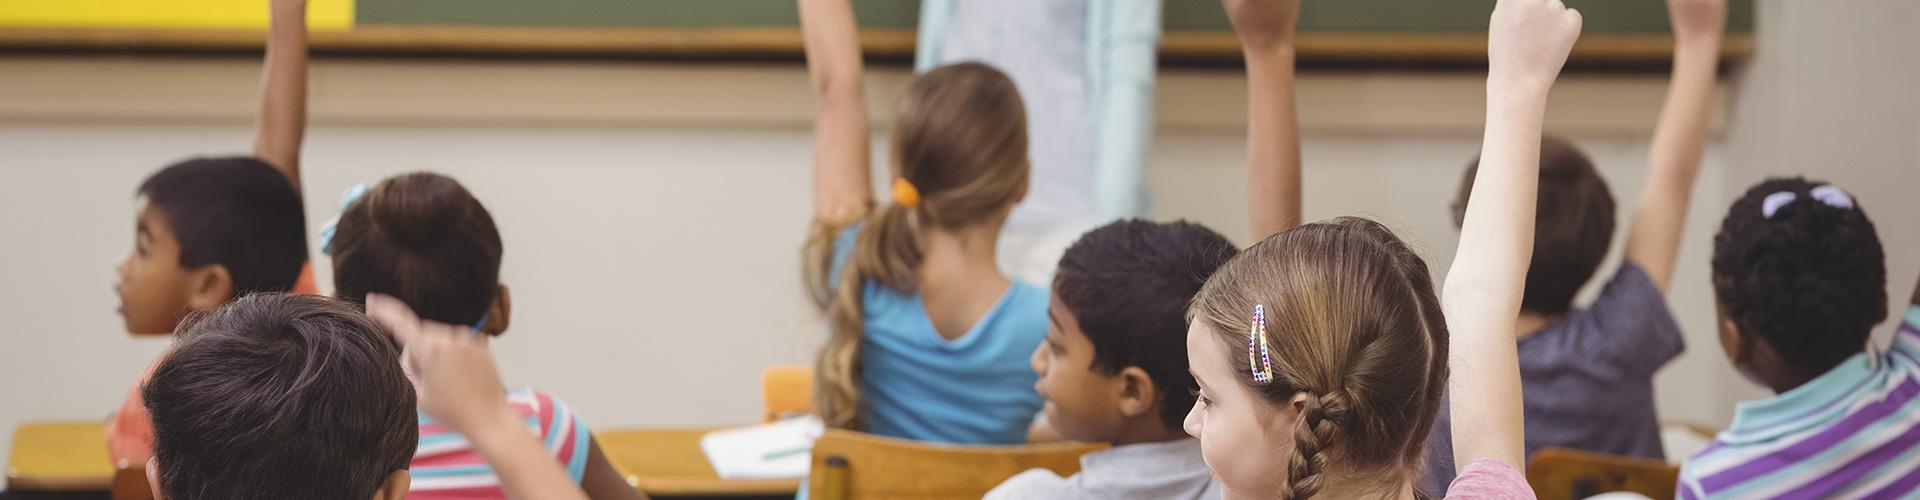 Cómo hacer una programación didáctica de primaria